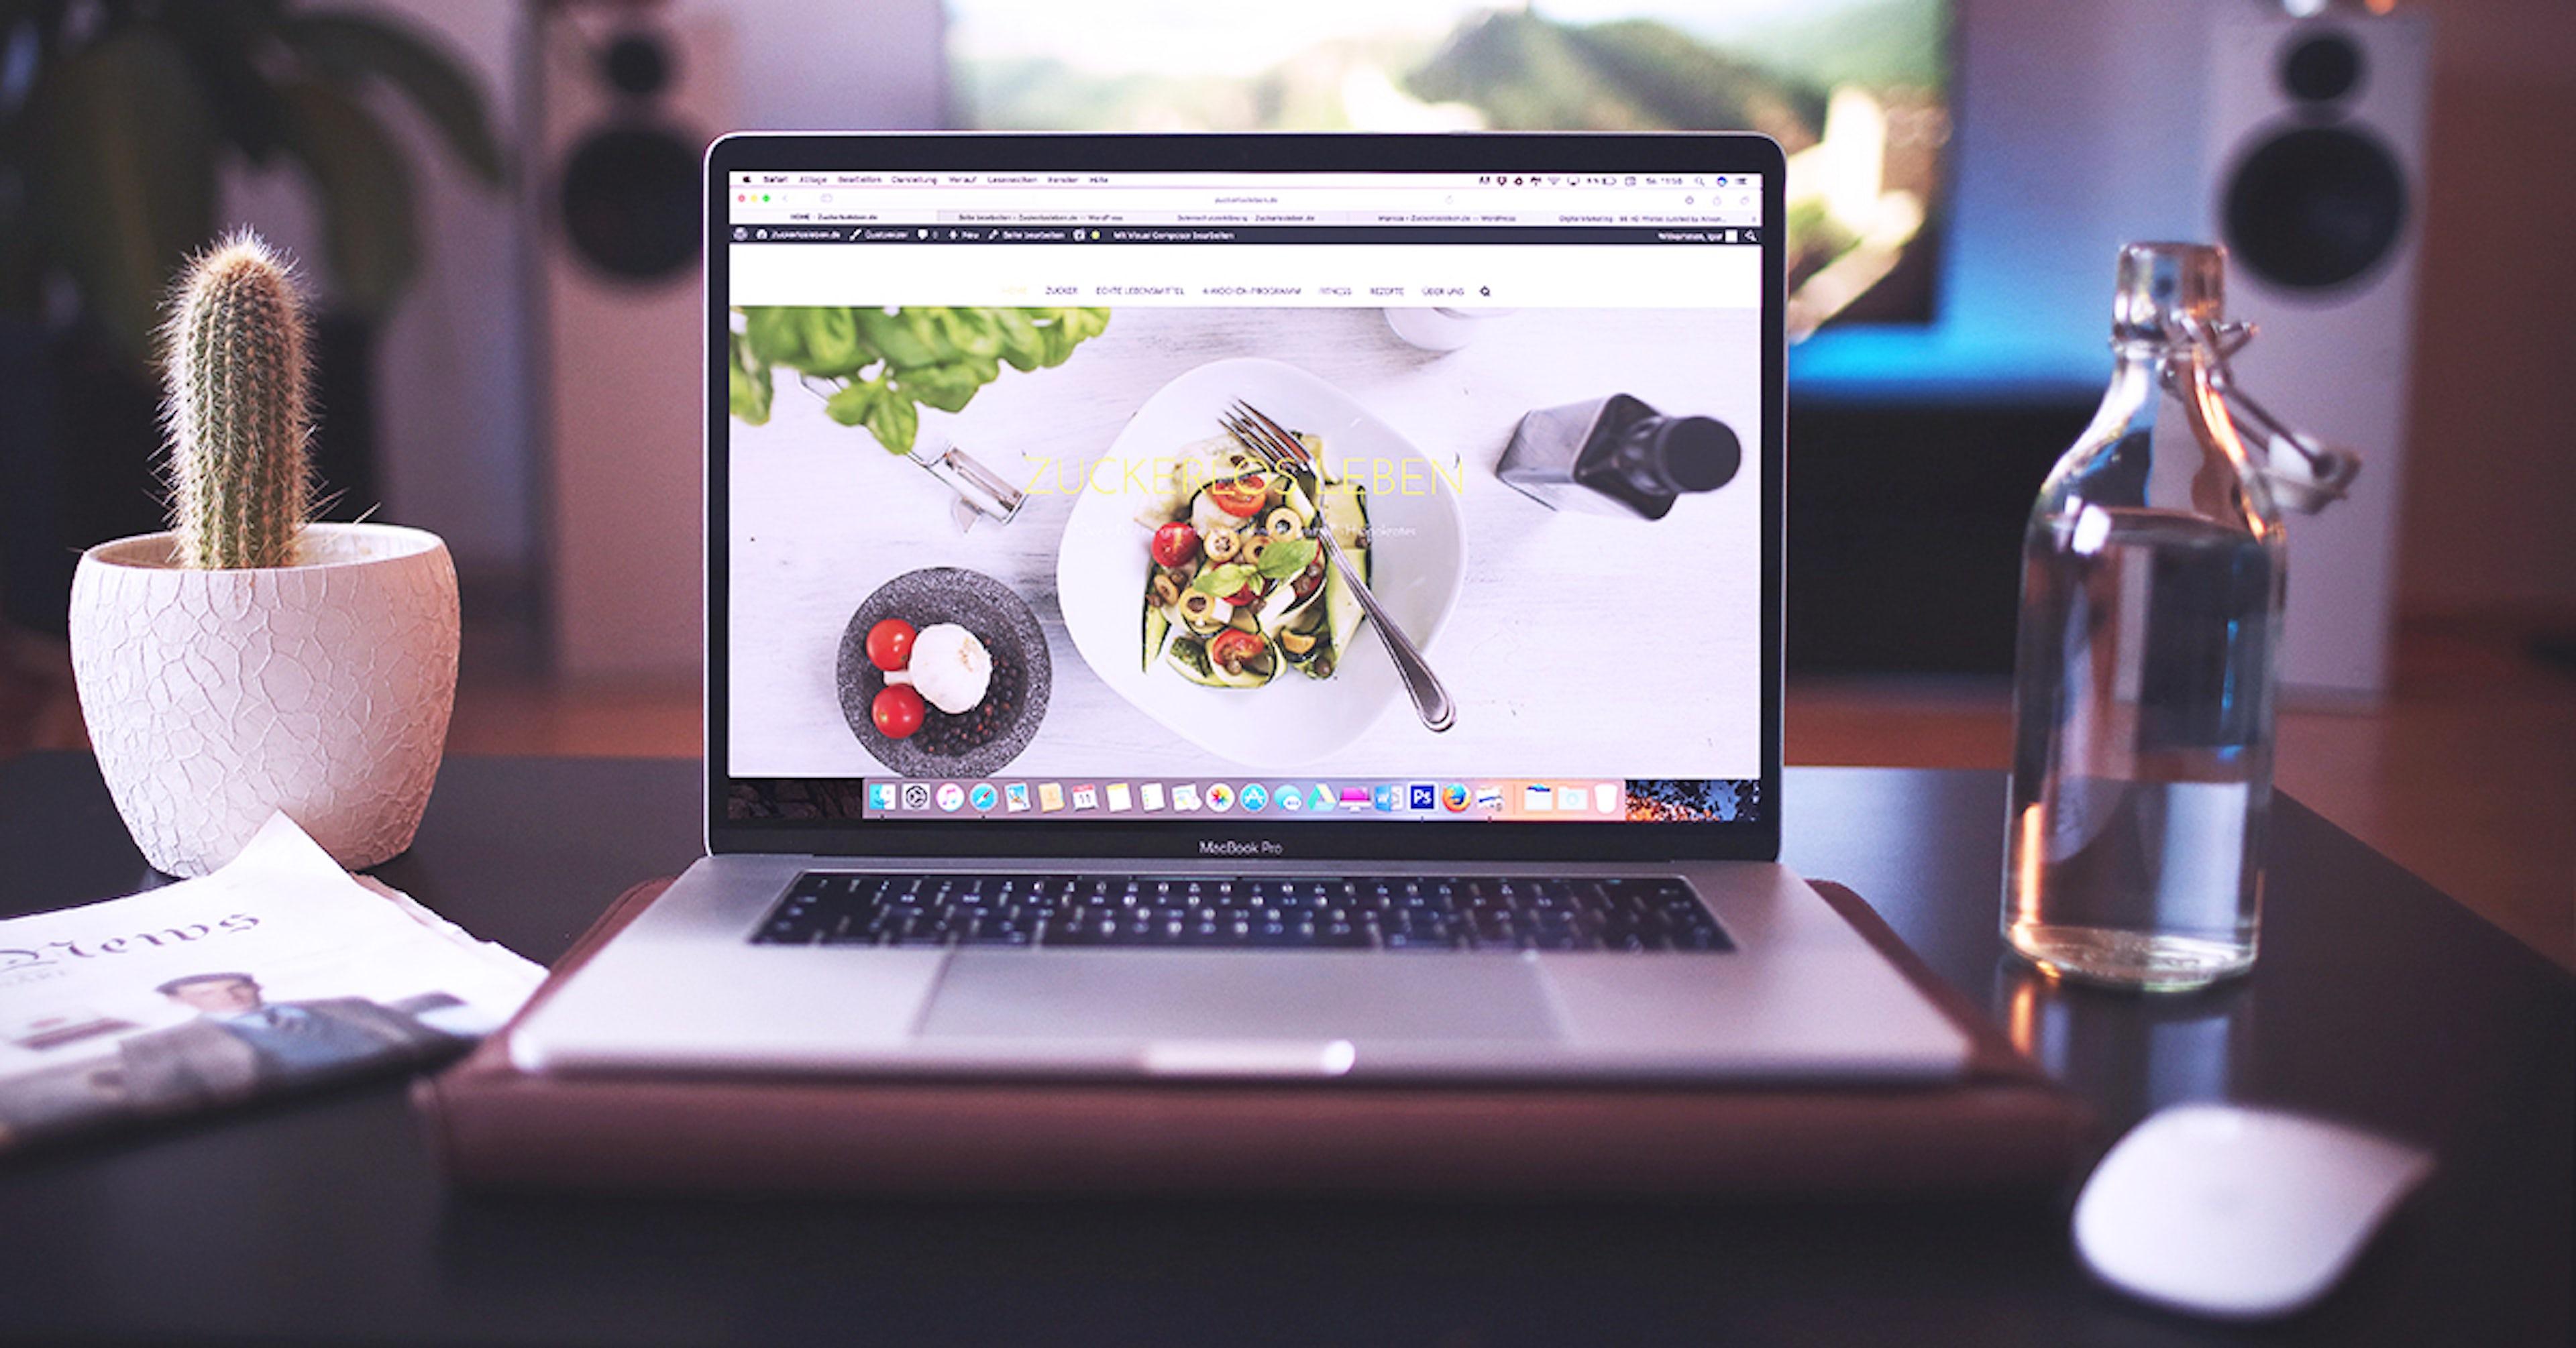 ¿Qué es hosting y dominio? Conoce sus principales diferencias